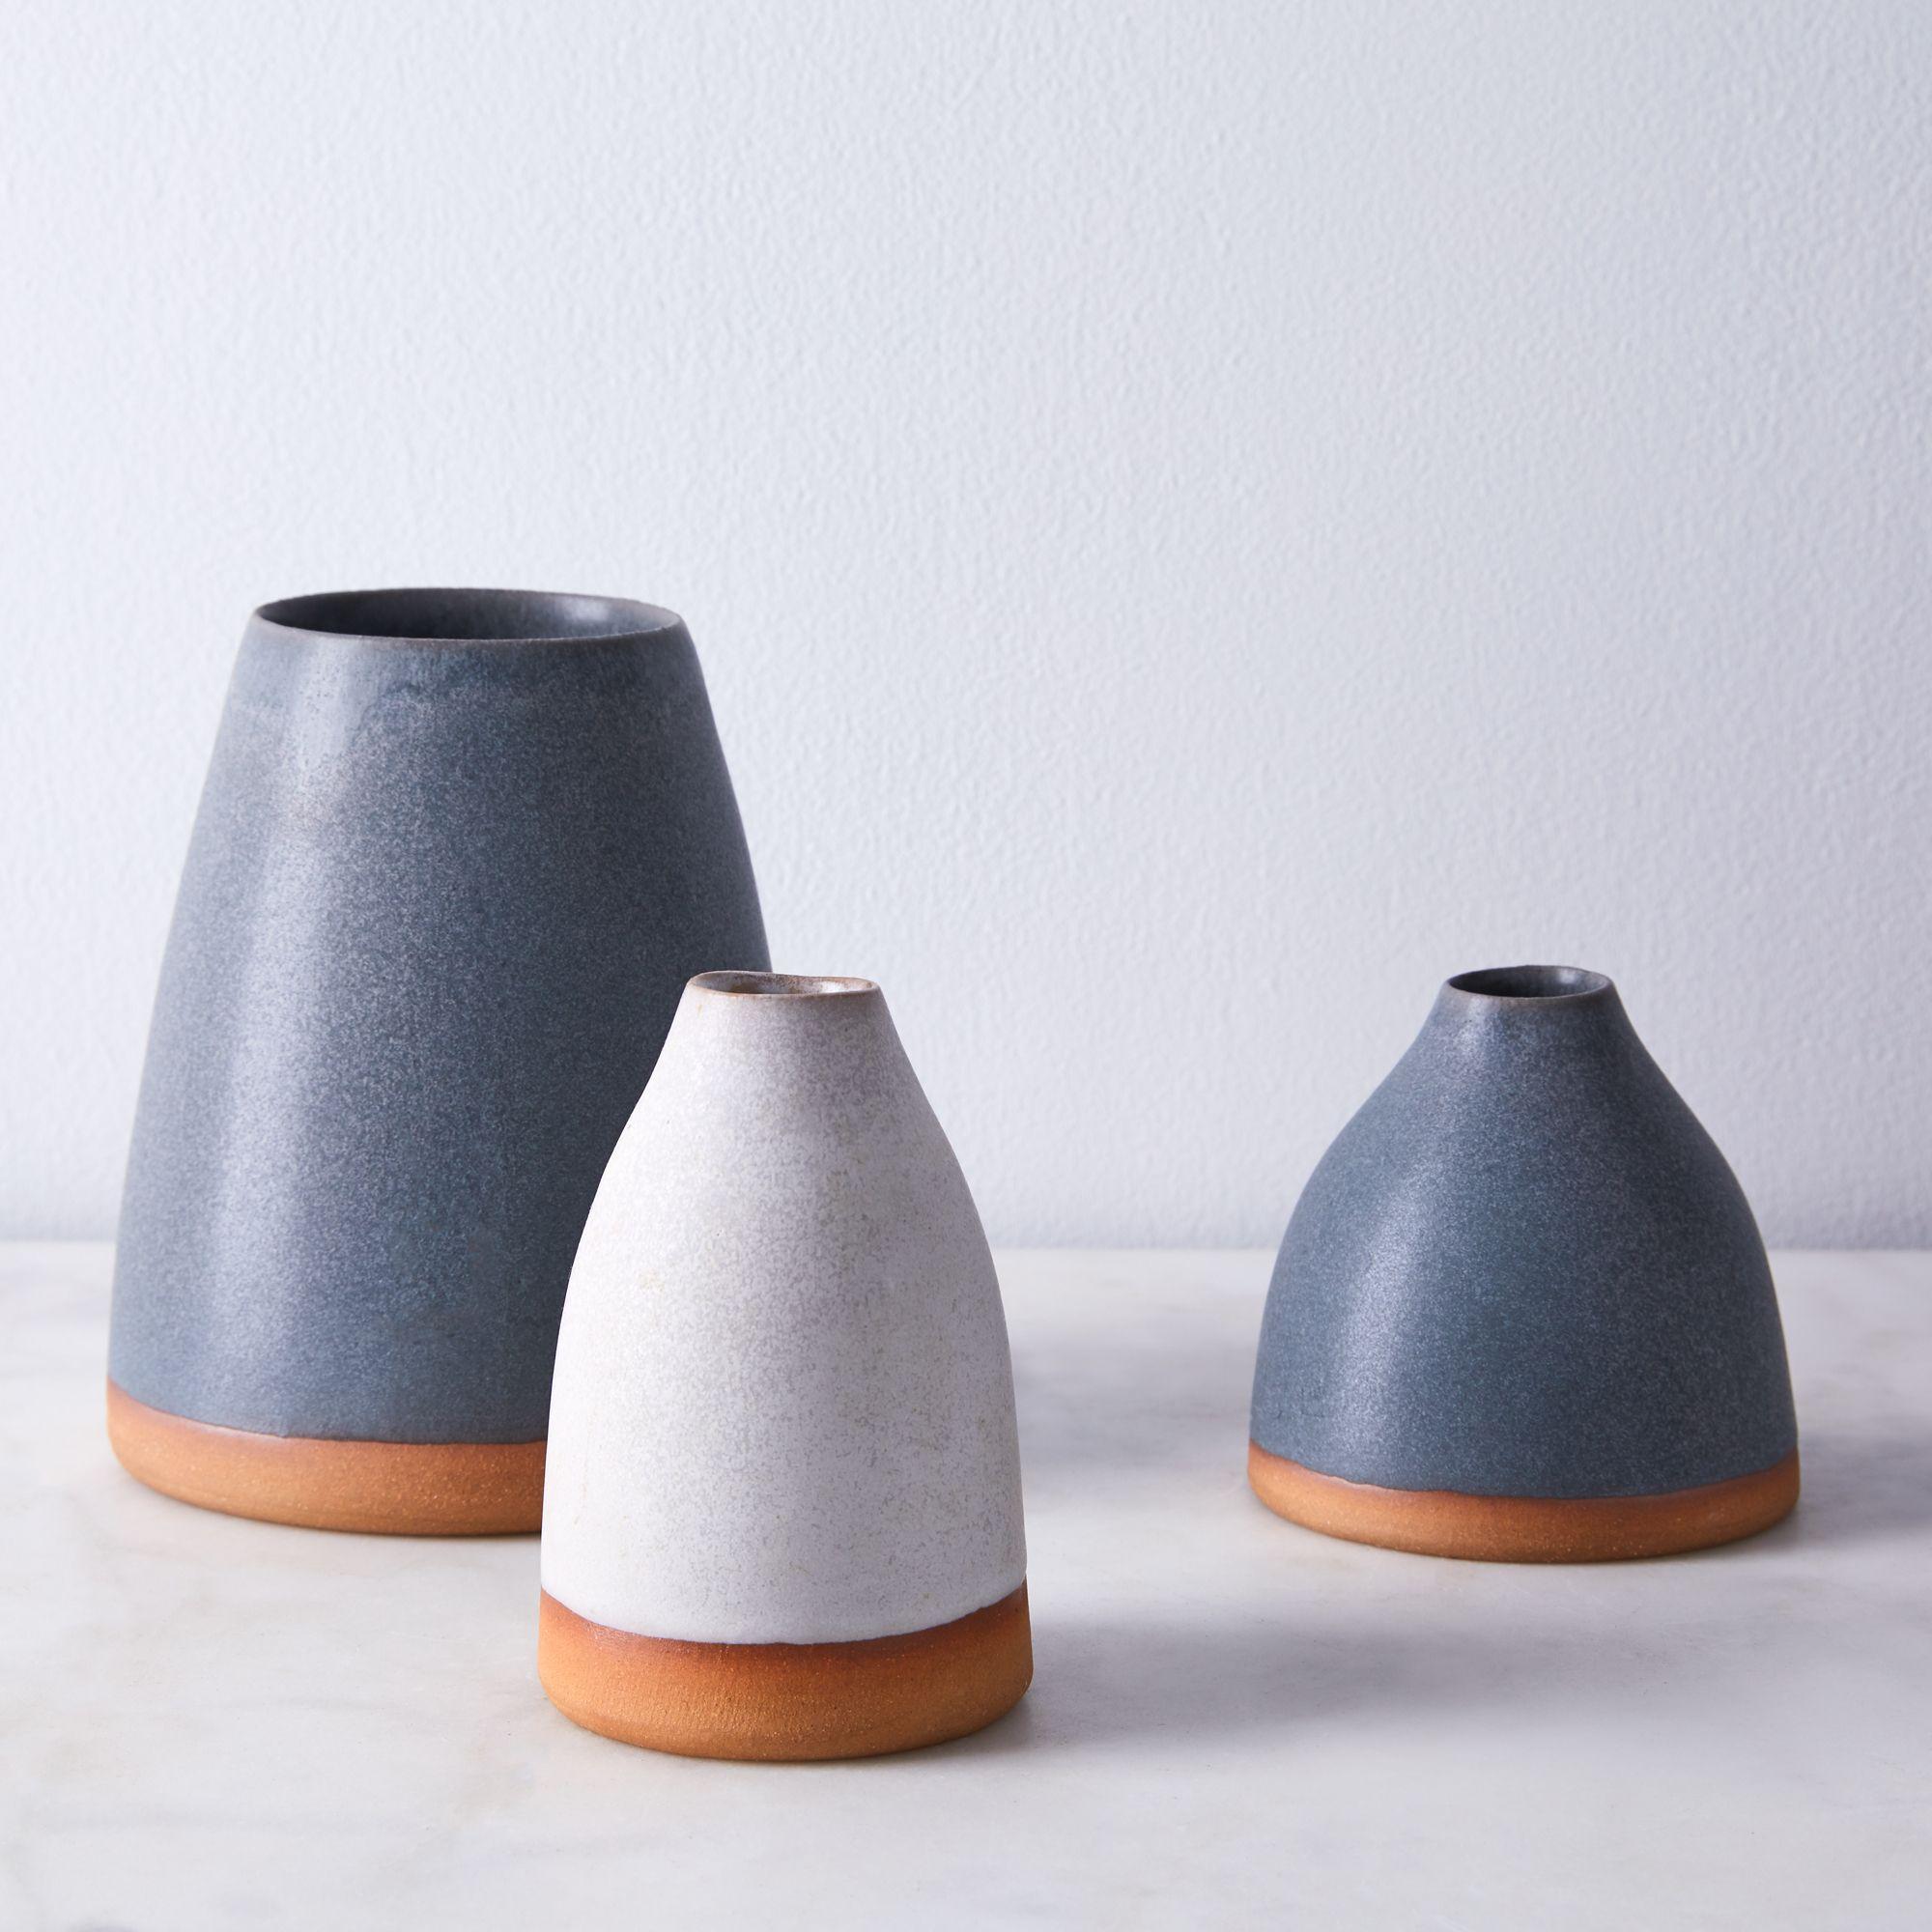 Handthrown Dipped Ceramic Vases